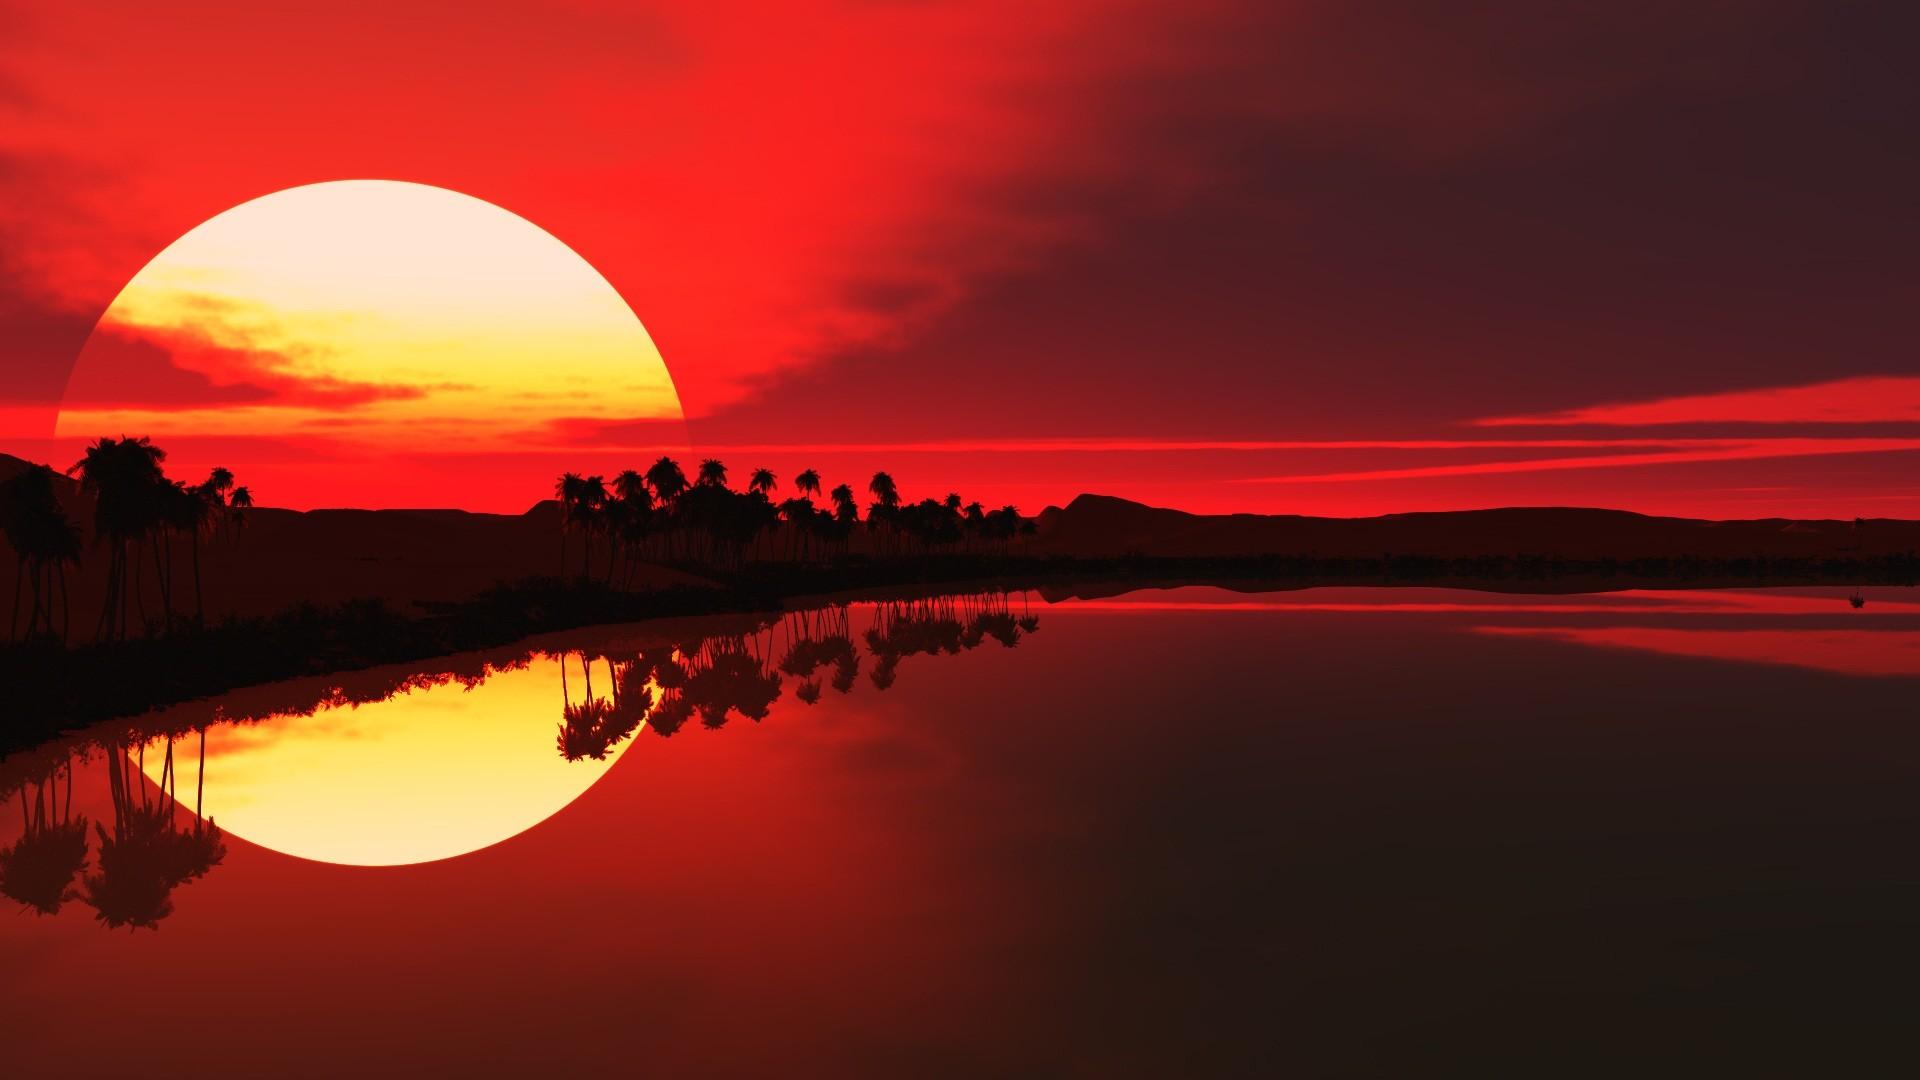 sunset-wallpaper-hd-HD5-600×338